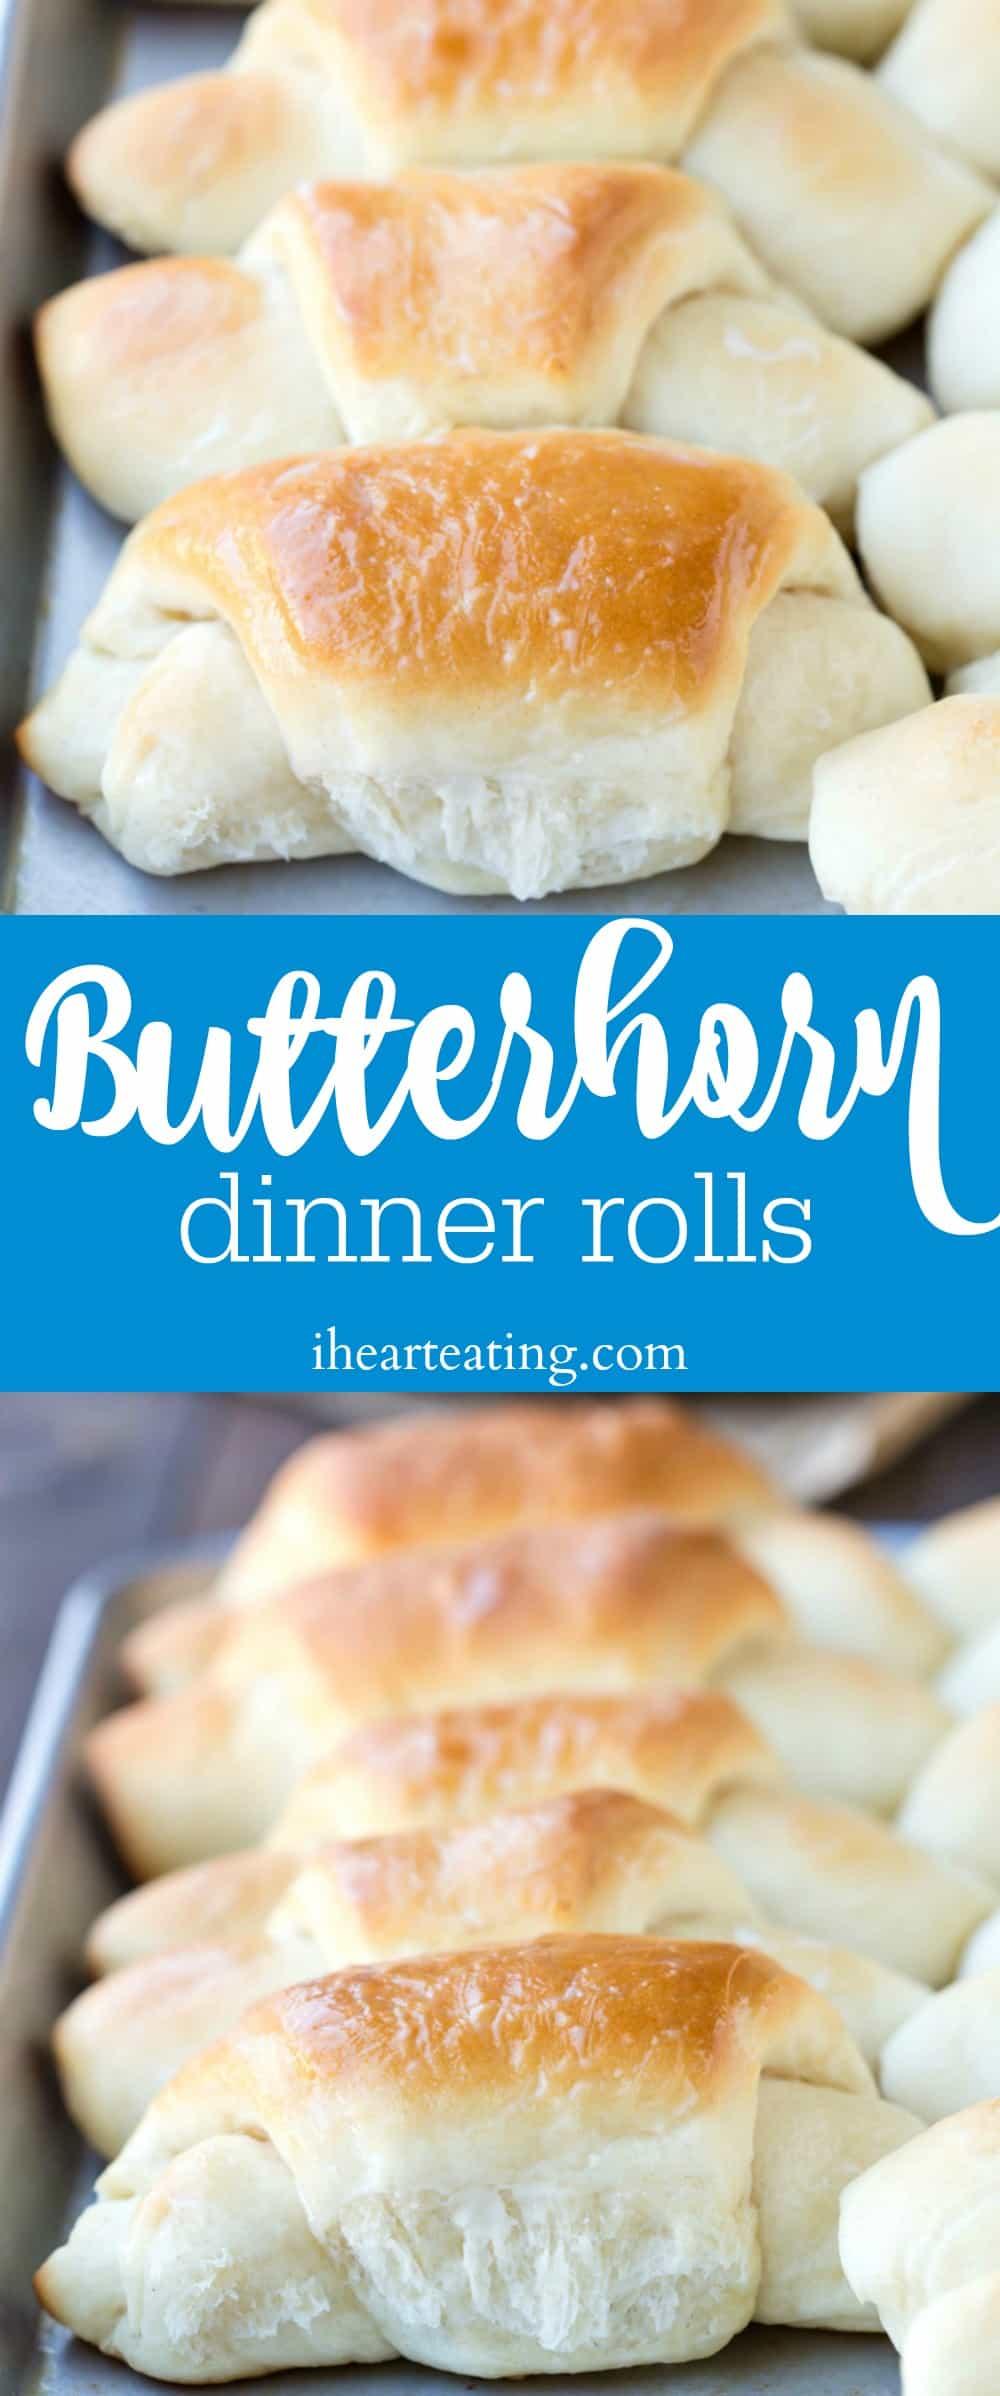 Butterhorn Dinner Roll Recipe